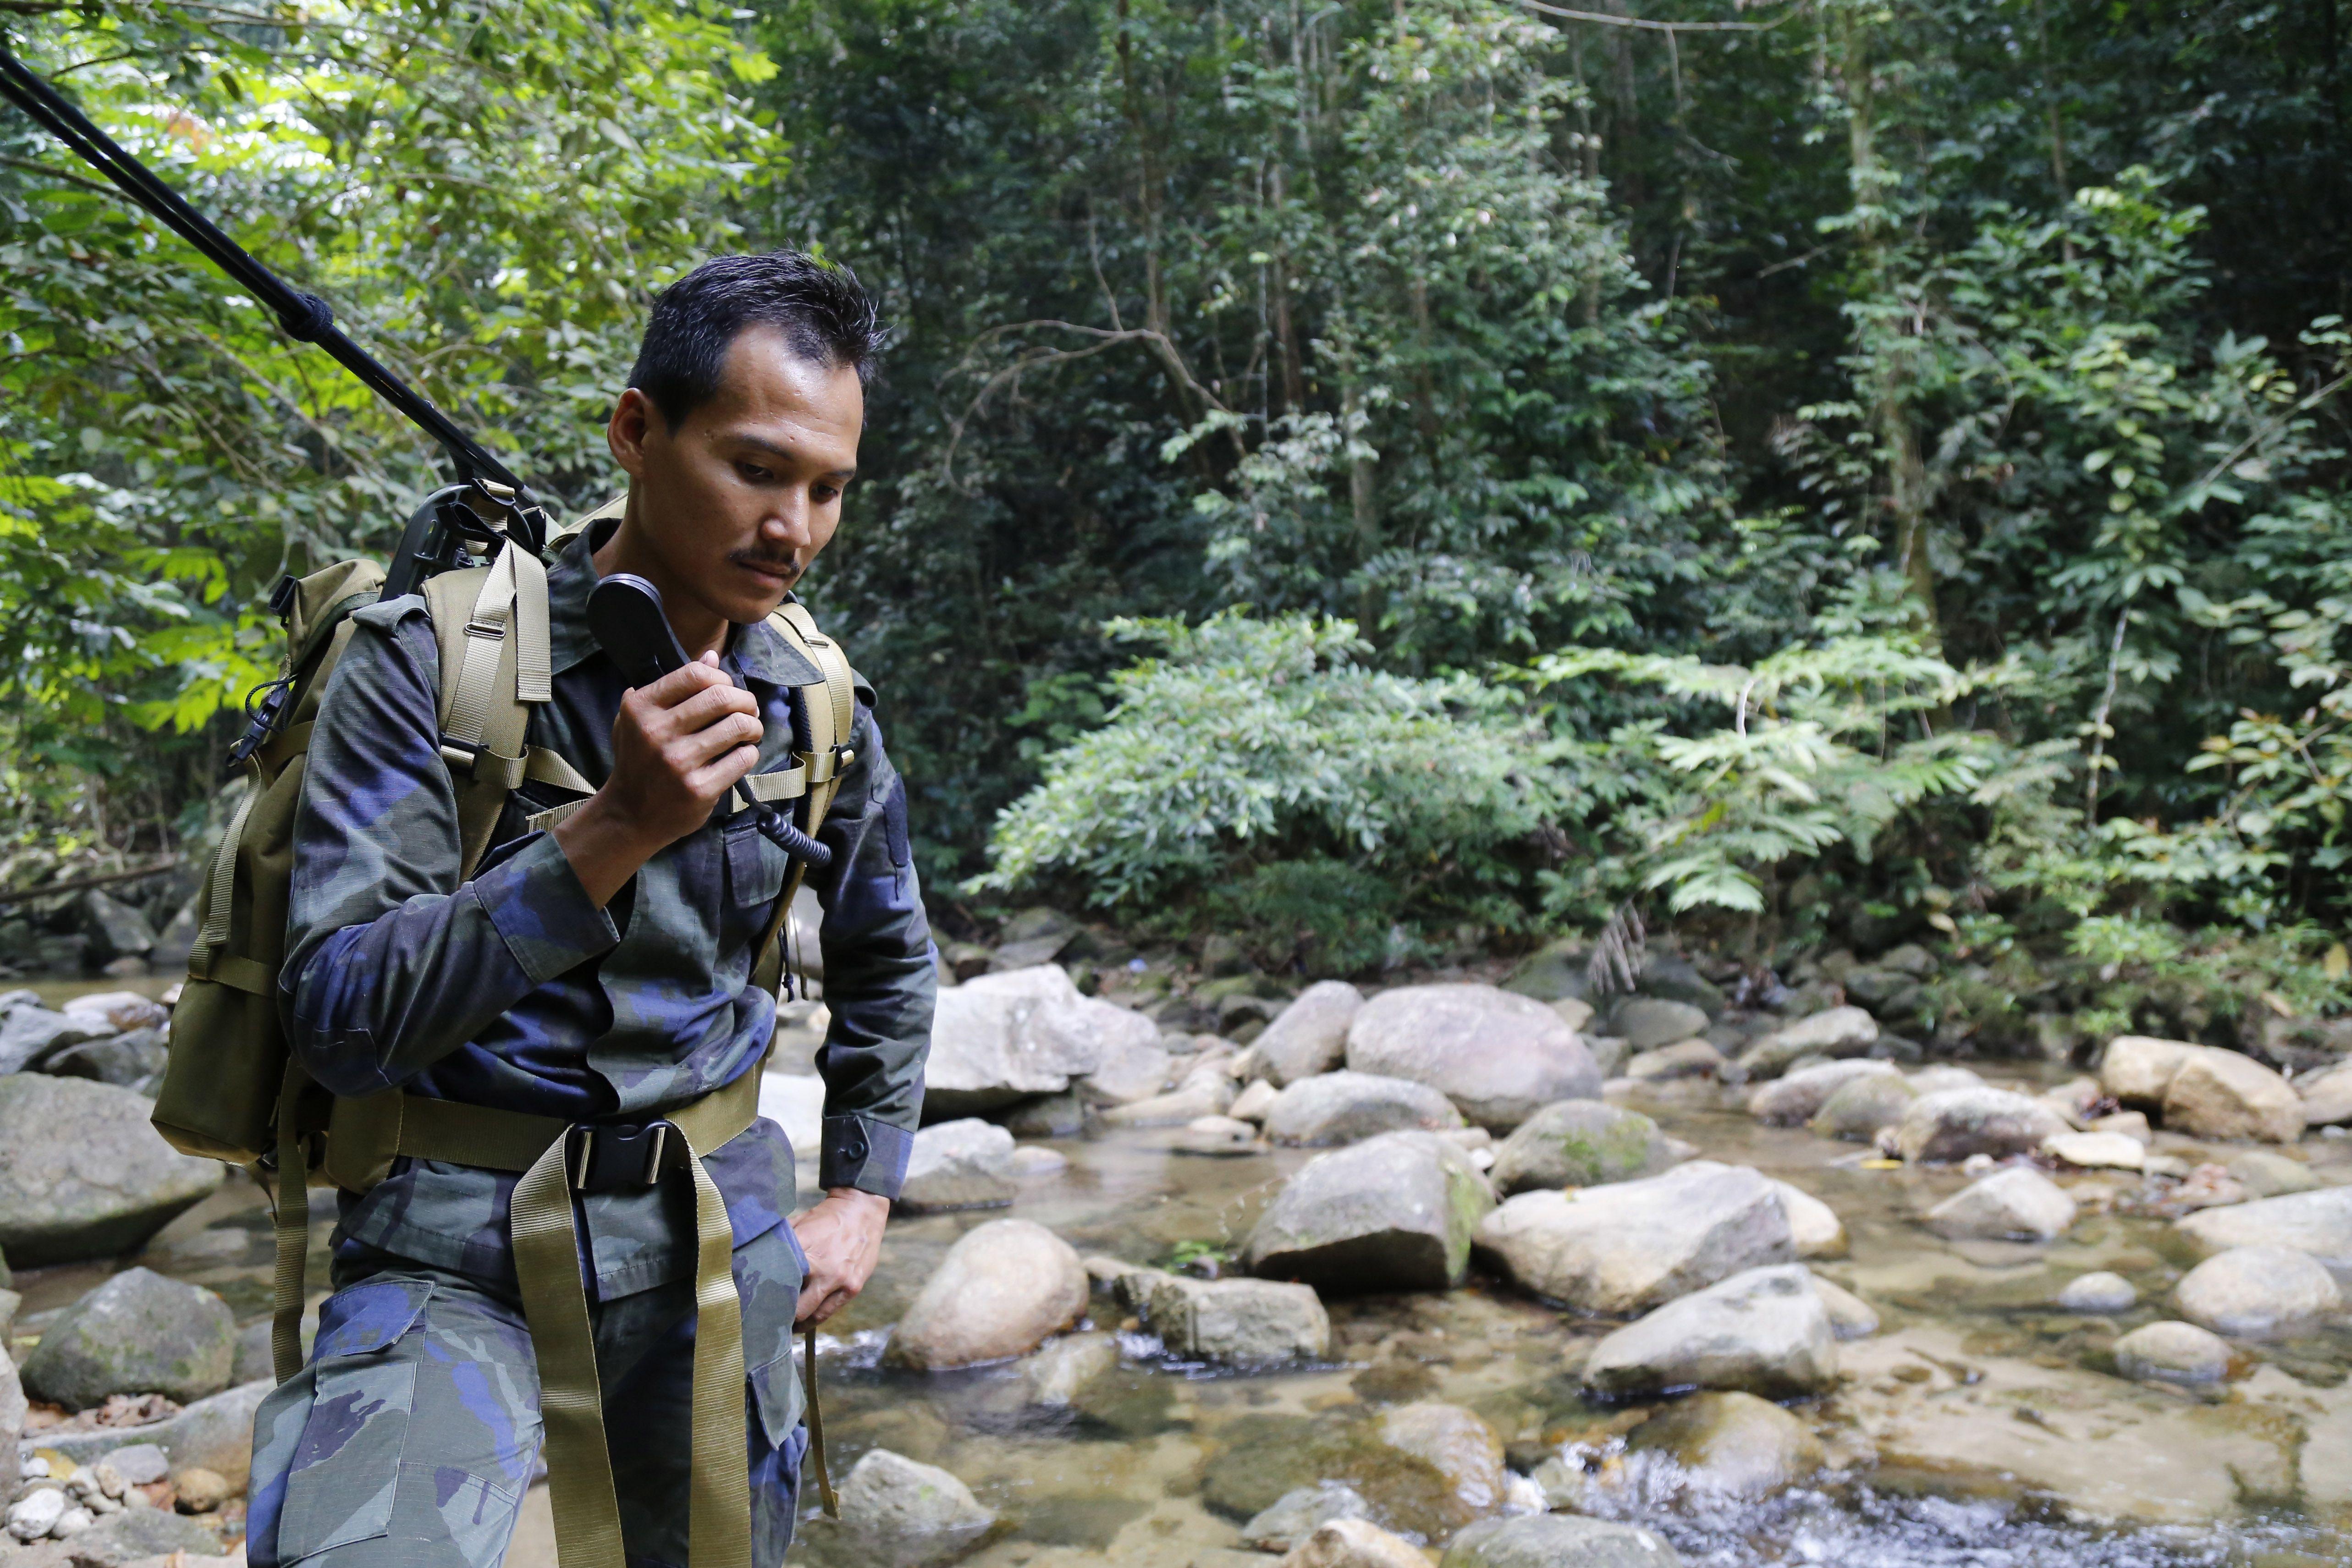 зникнення нори куорин, малайзія_3